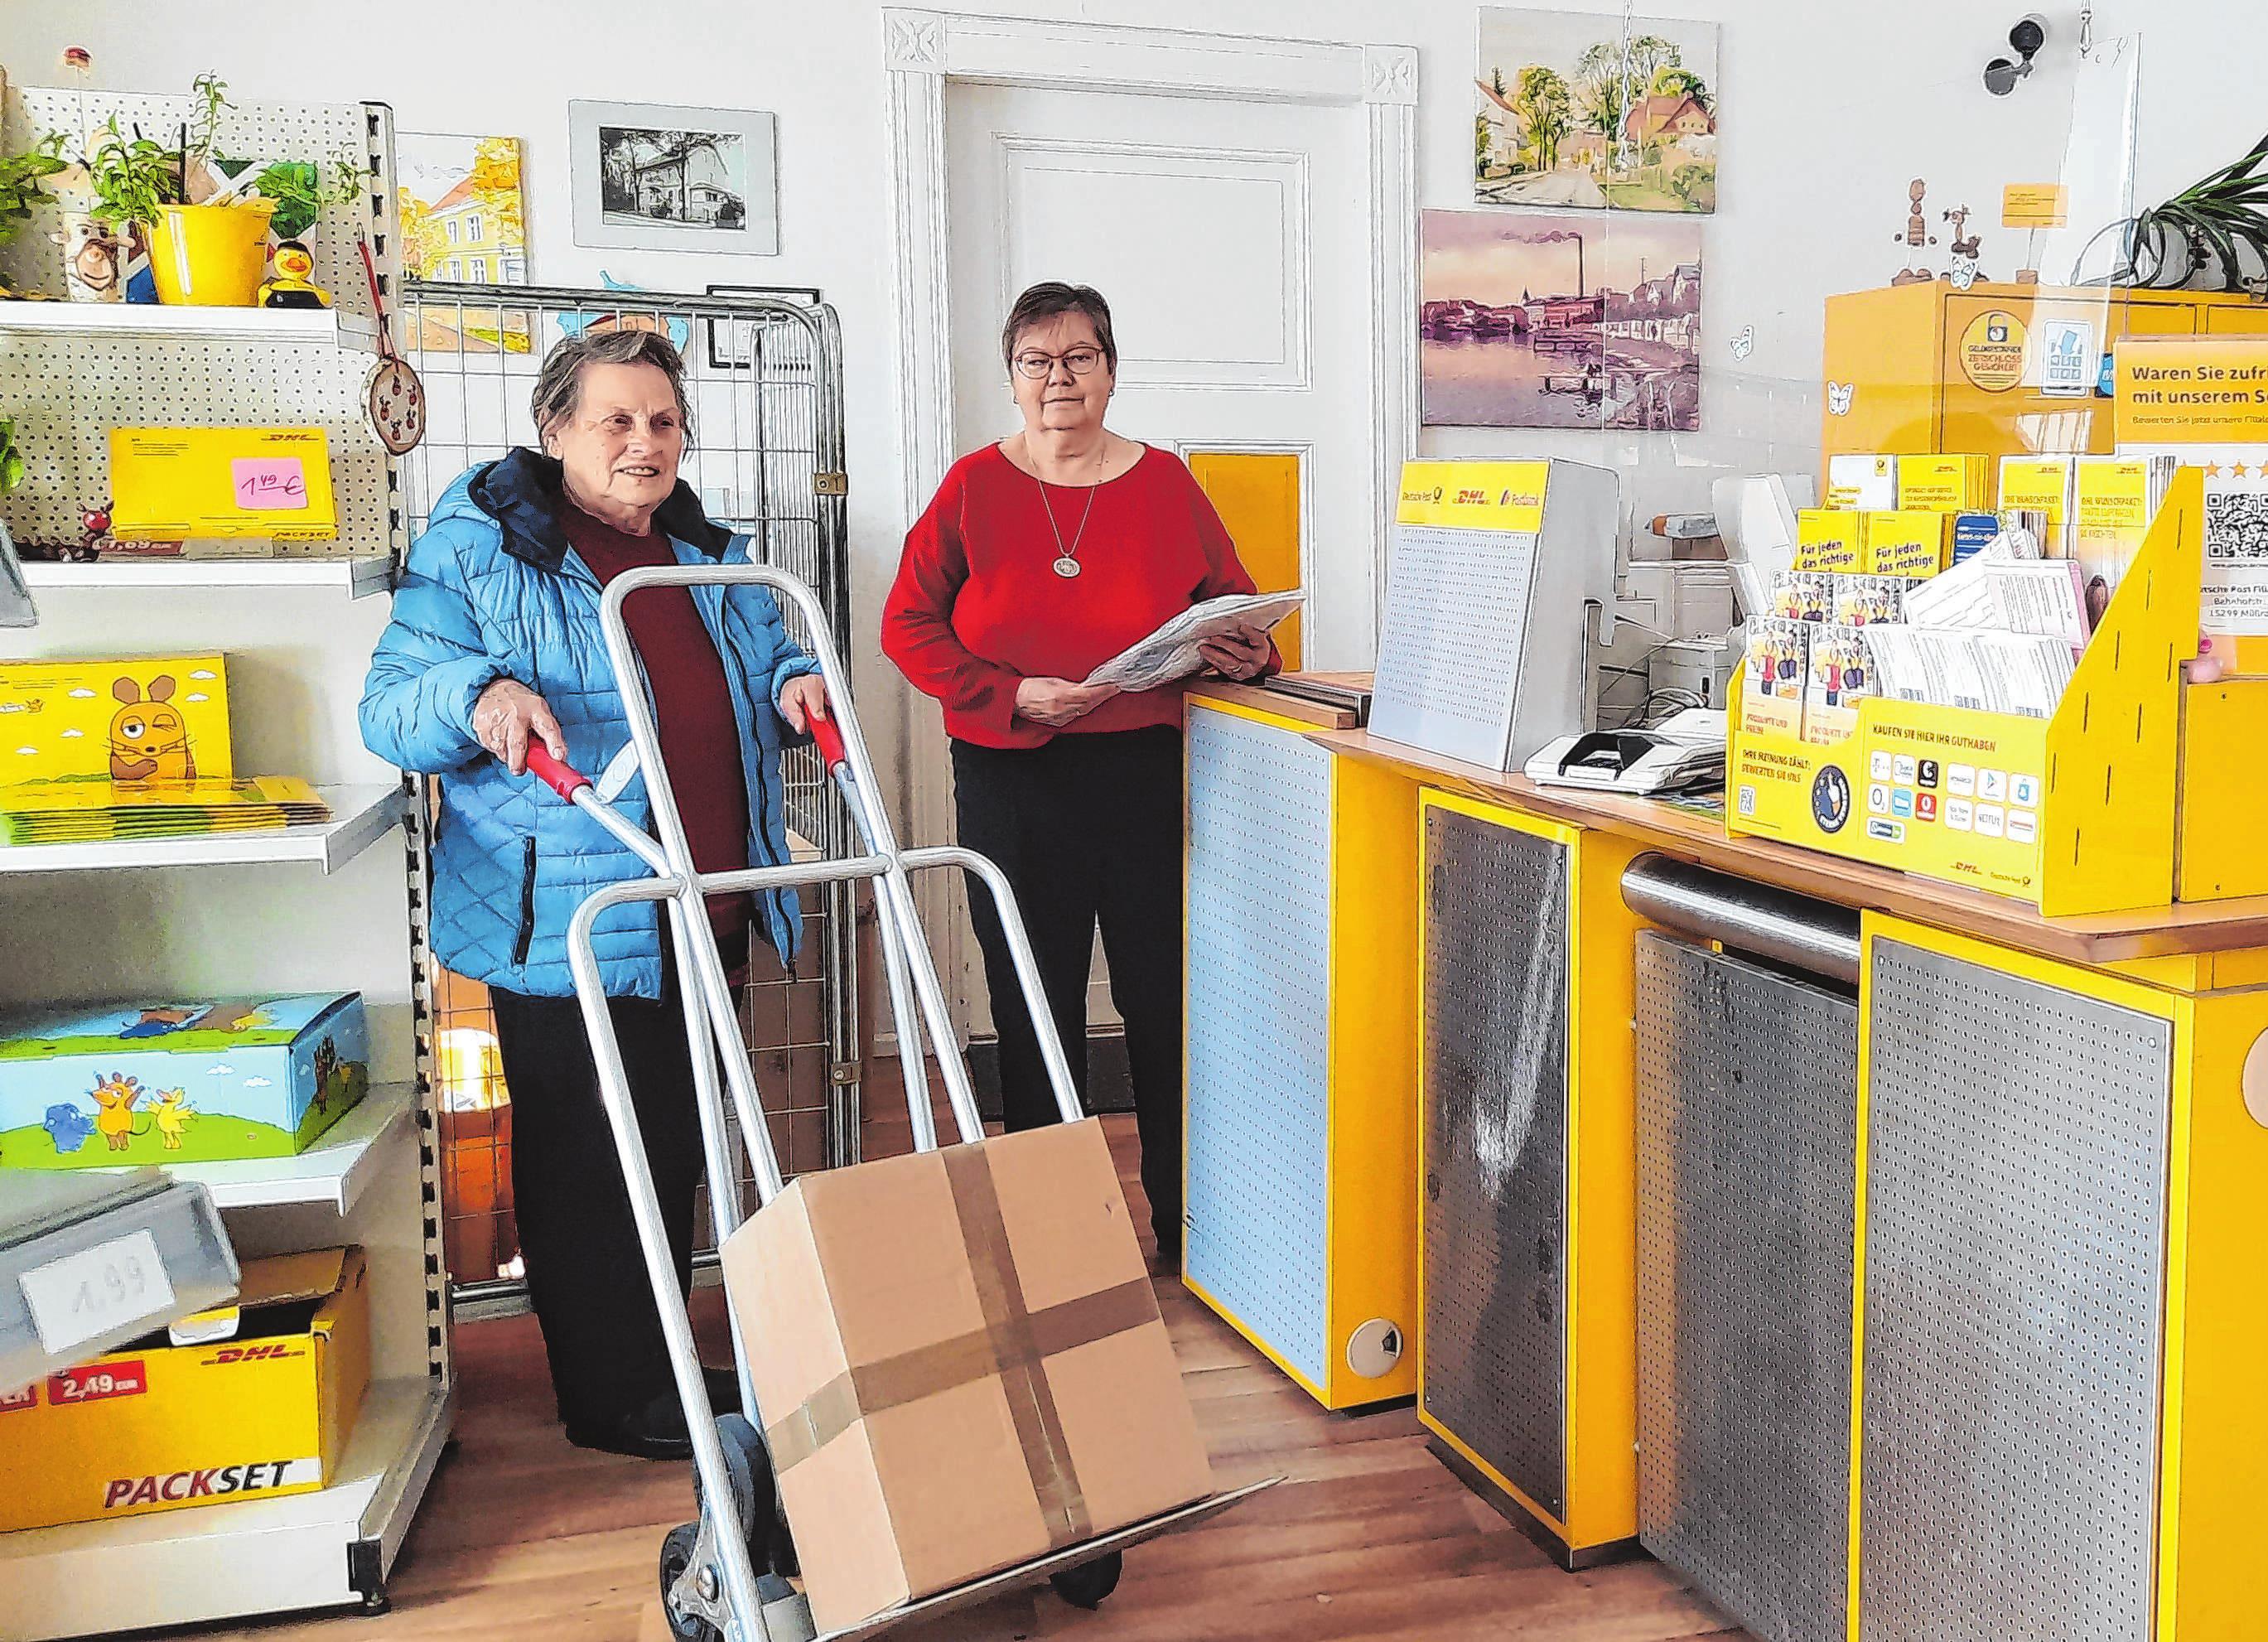 """Für Vera Stange (links), die inzwischen 80 Jahre alt ist, war das Haus in der Bahnhofstraße 5 für 40 Jahre ihr zweites Zuhause. Die Müllroserin arbeitete von hier aus als Postzustellerin; früher sagte man noch """"Briefträgerin"""". Für das Foto schlüpfte Vera Stange noch mal in die Rolle der Postzustellerin, rechts im Bild Adele Reusner."""